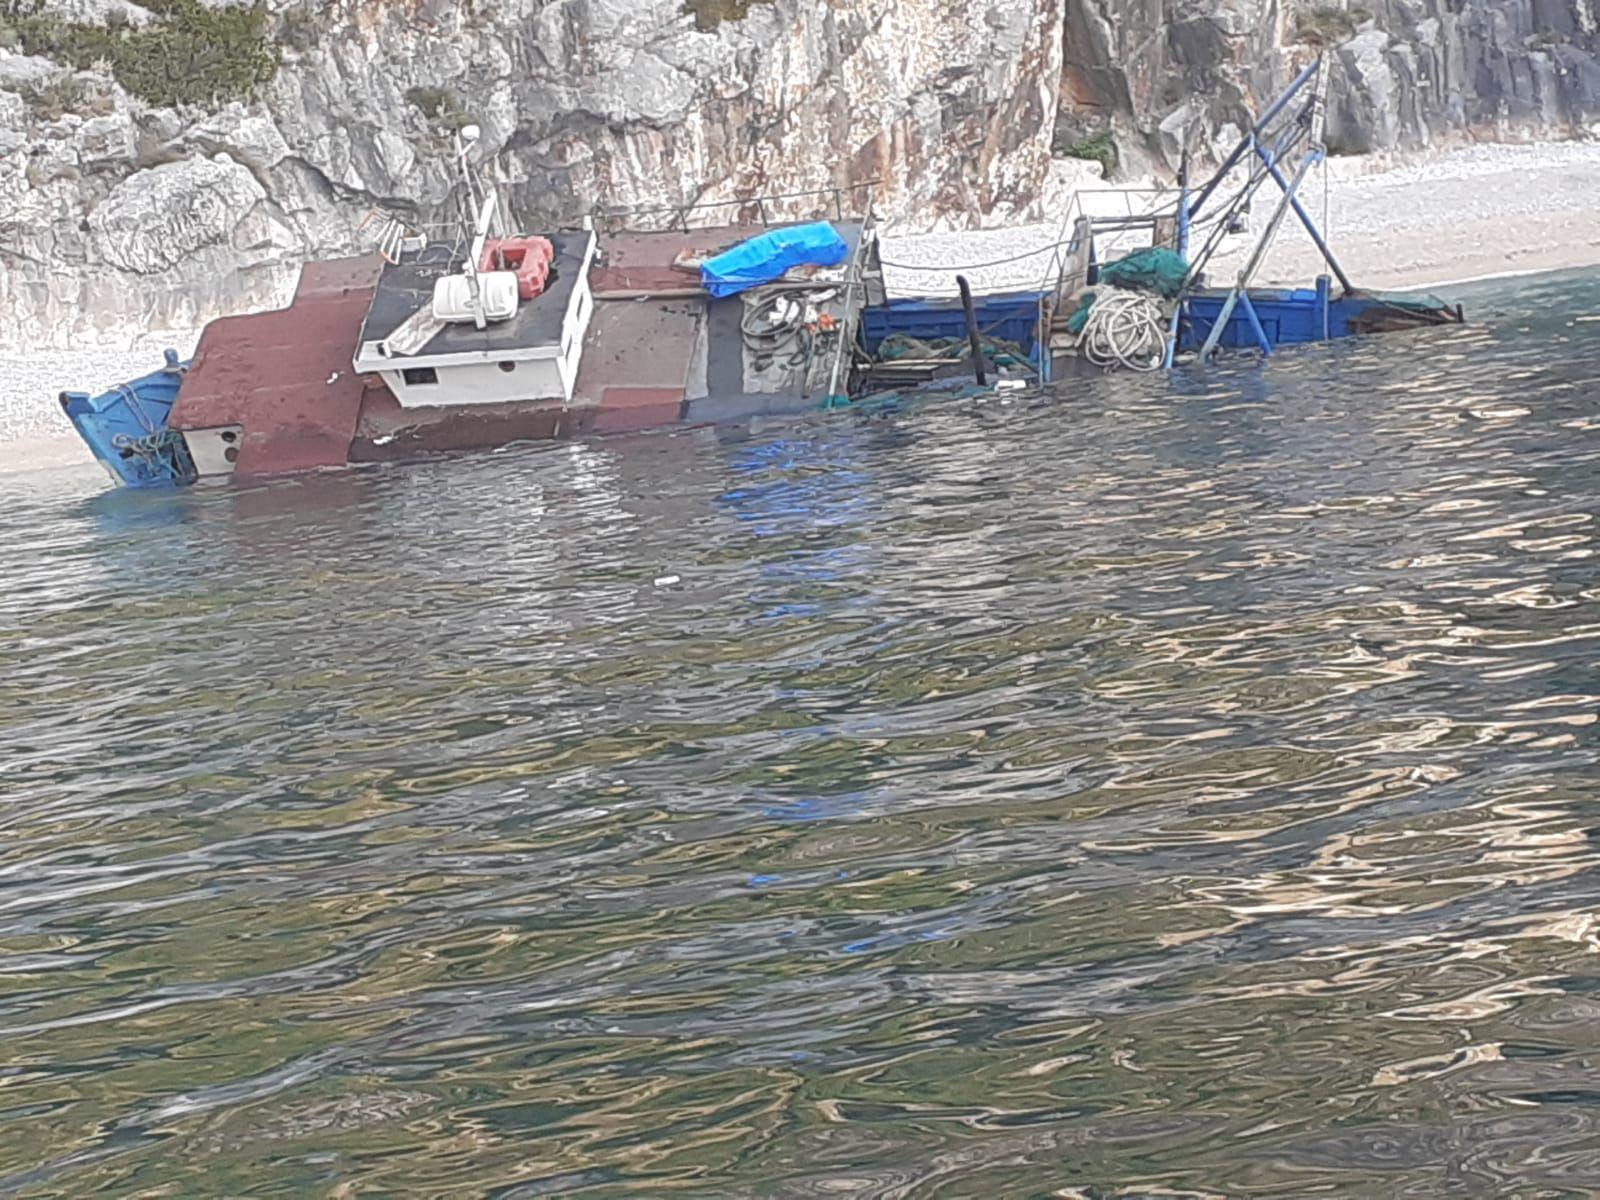 Mbytet peshkarexha në Karaburun, shpëtohen 4 marinarët